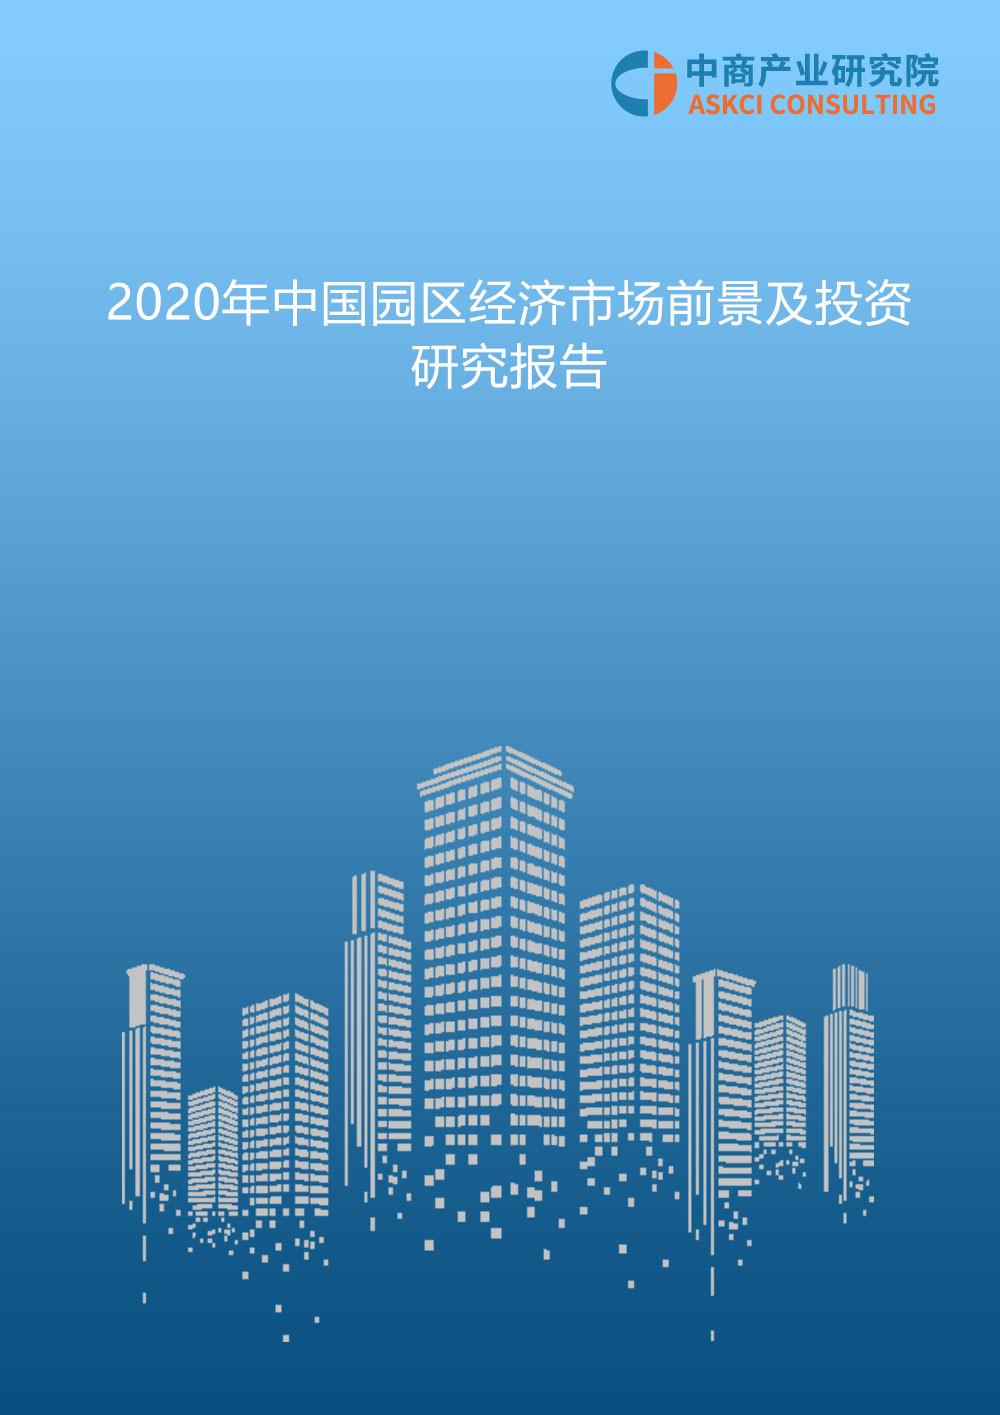 2020年中國園區經濟行業市場前景及投資研究報告